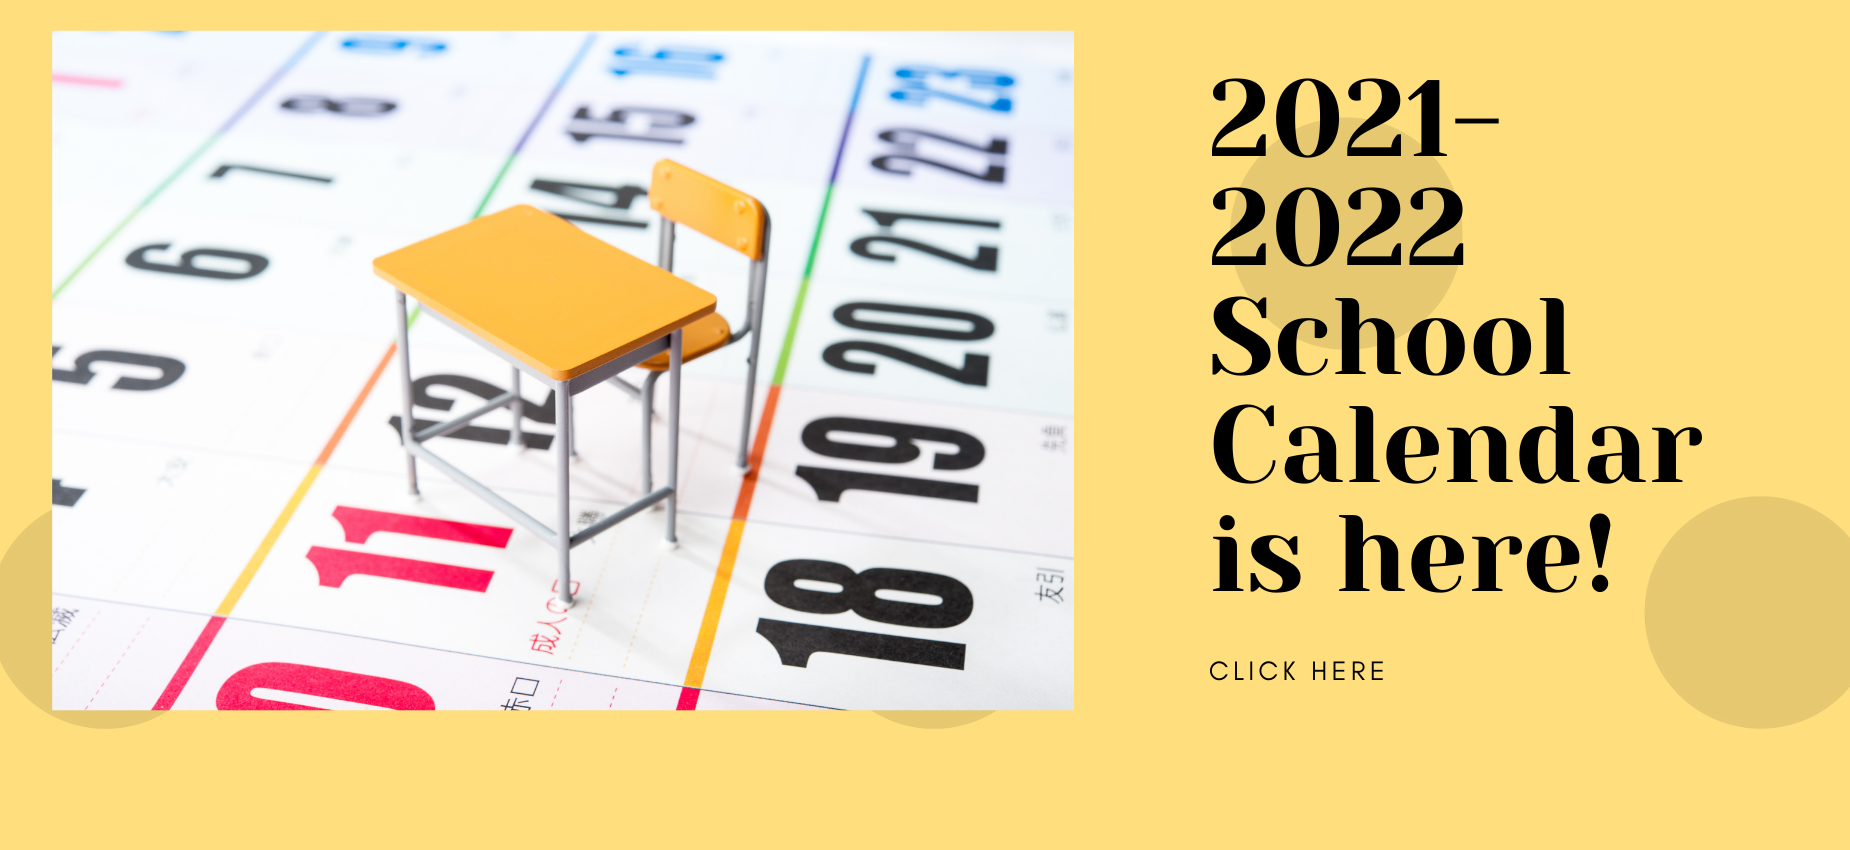 The 2021-2022 school calendar is here.